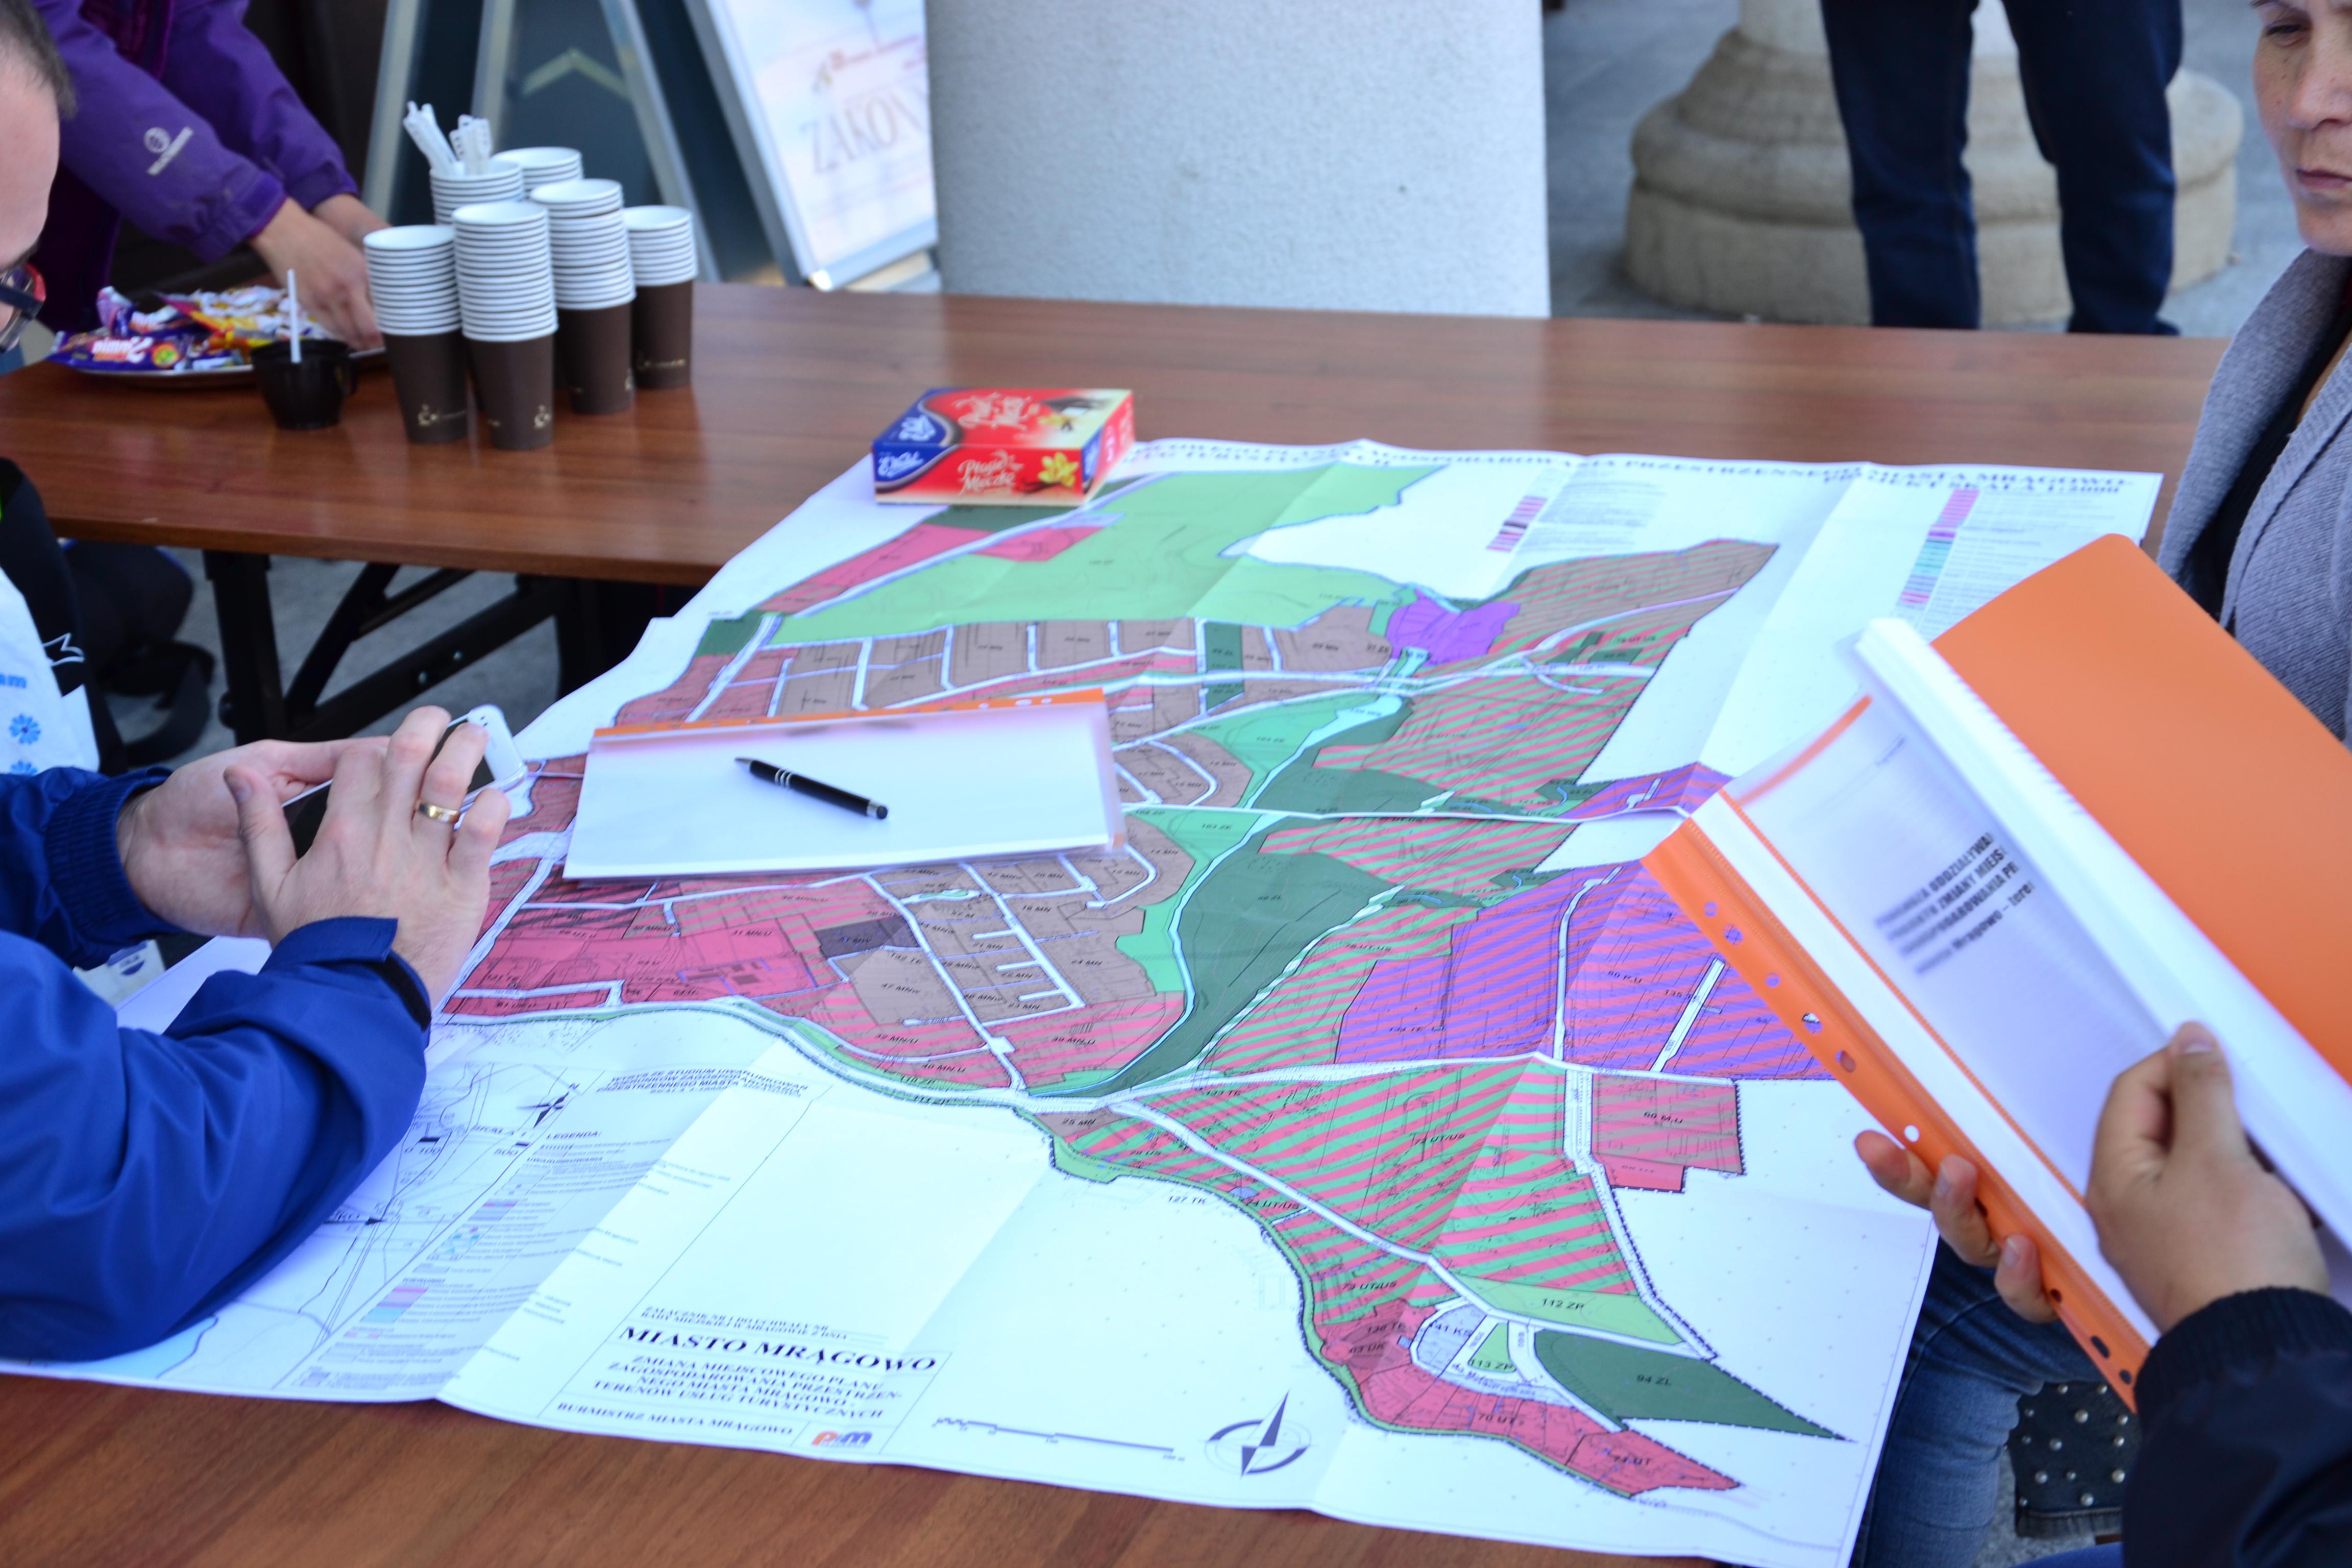 Ponowne wyłożenie planu dla terenów pomiędzy Olsztyńską a Torową